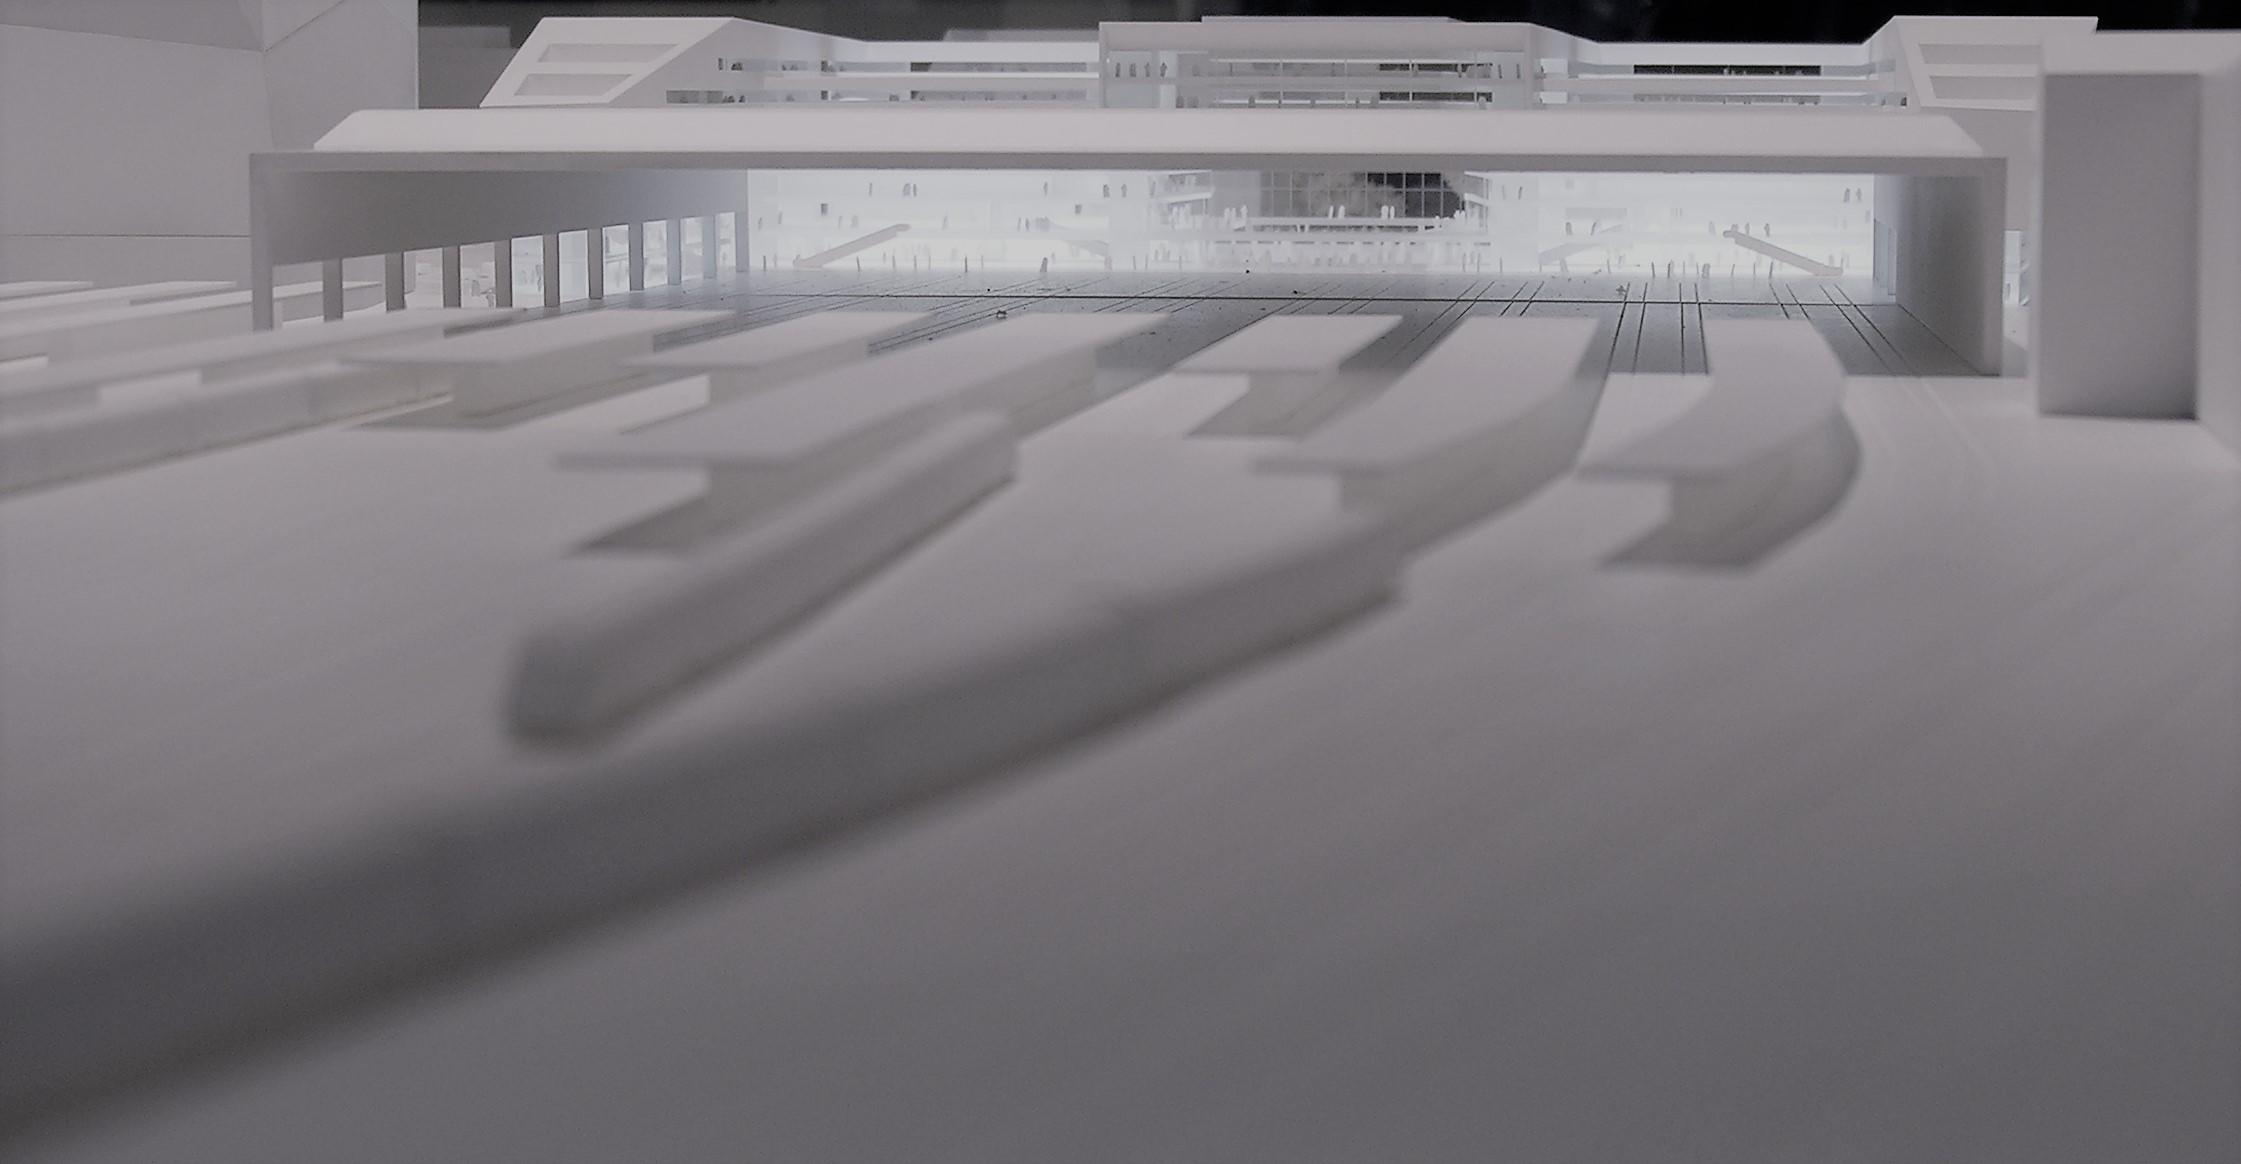 Konzept eines Bahnhof Modells aus weißem Plastik